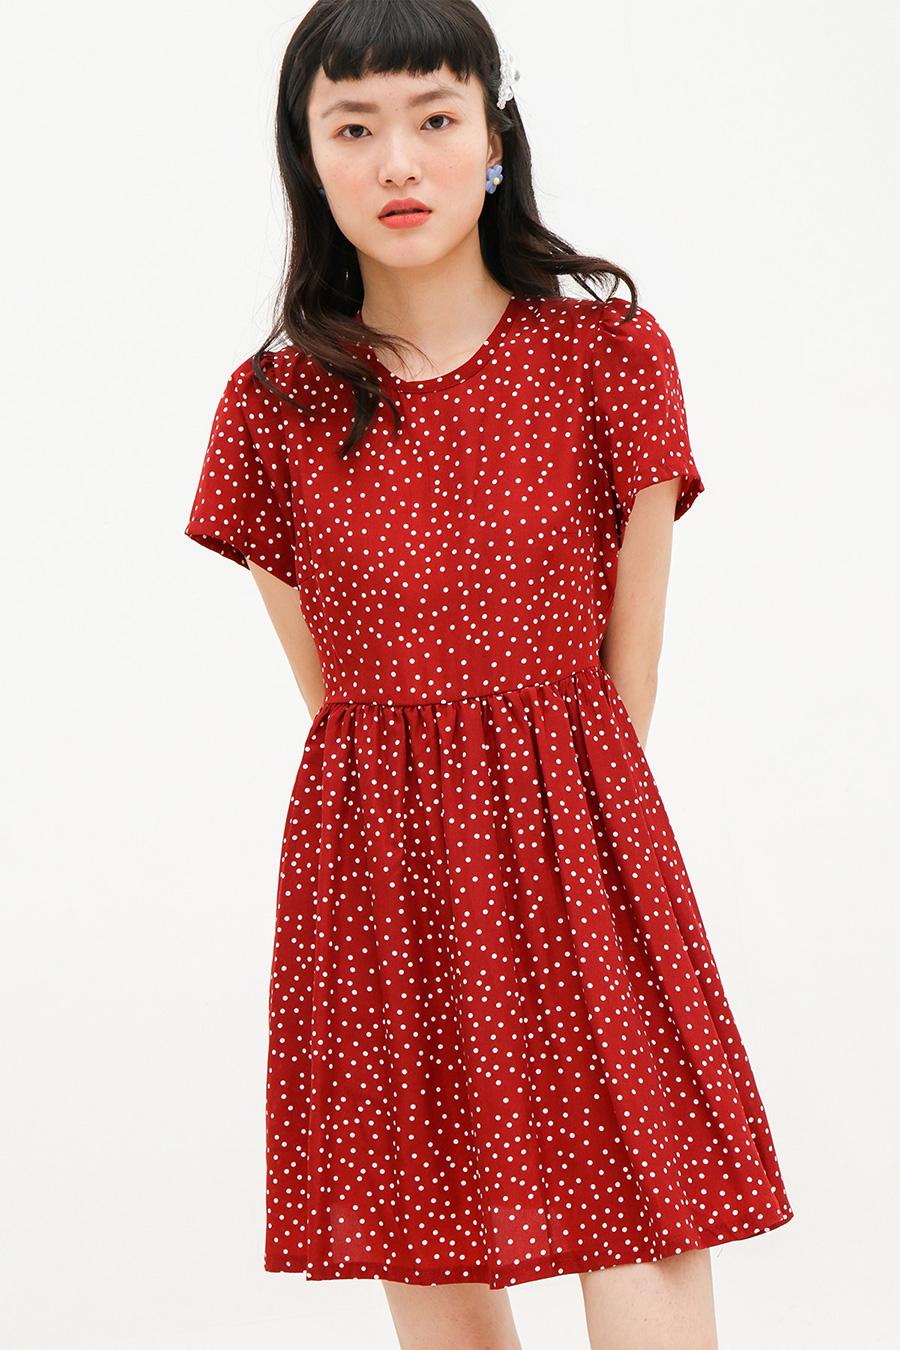 AURIANE DRESS - PLUM DOTTY